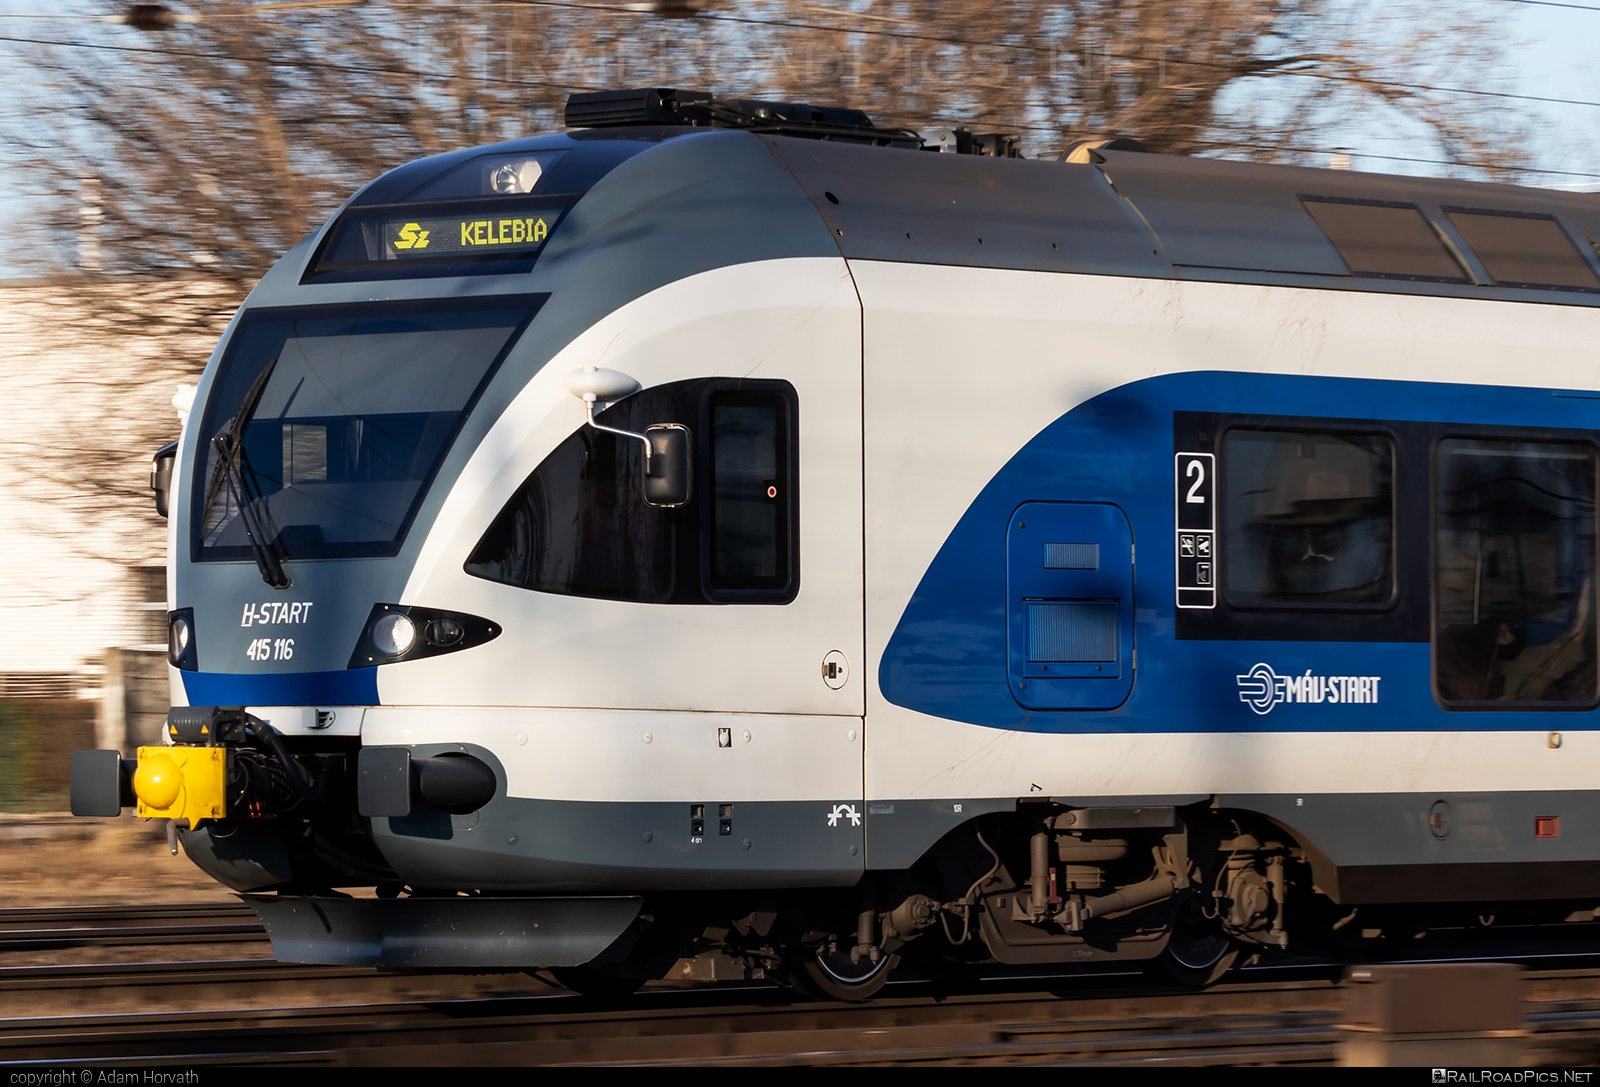 Stadler FLIRT - 415 116 operated by MÁV-START ZRt. #mav #mavstart #mavstartzrt #stadler #stadlerflirt #stadlerrail #stadlerrailag